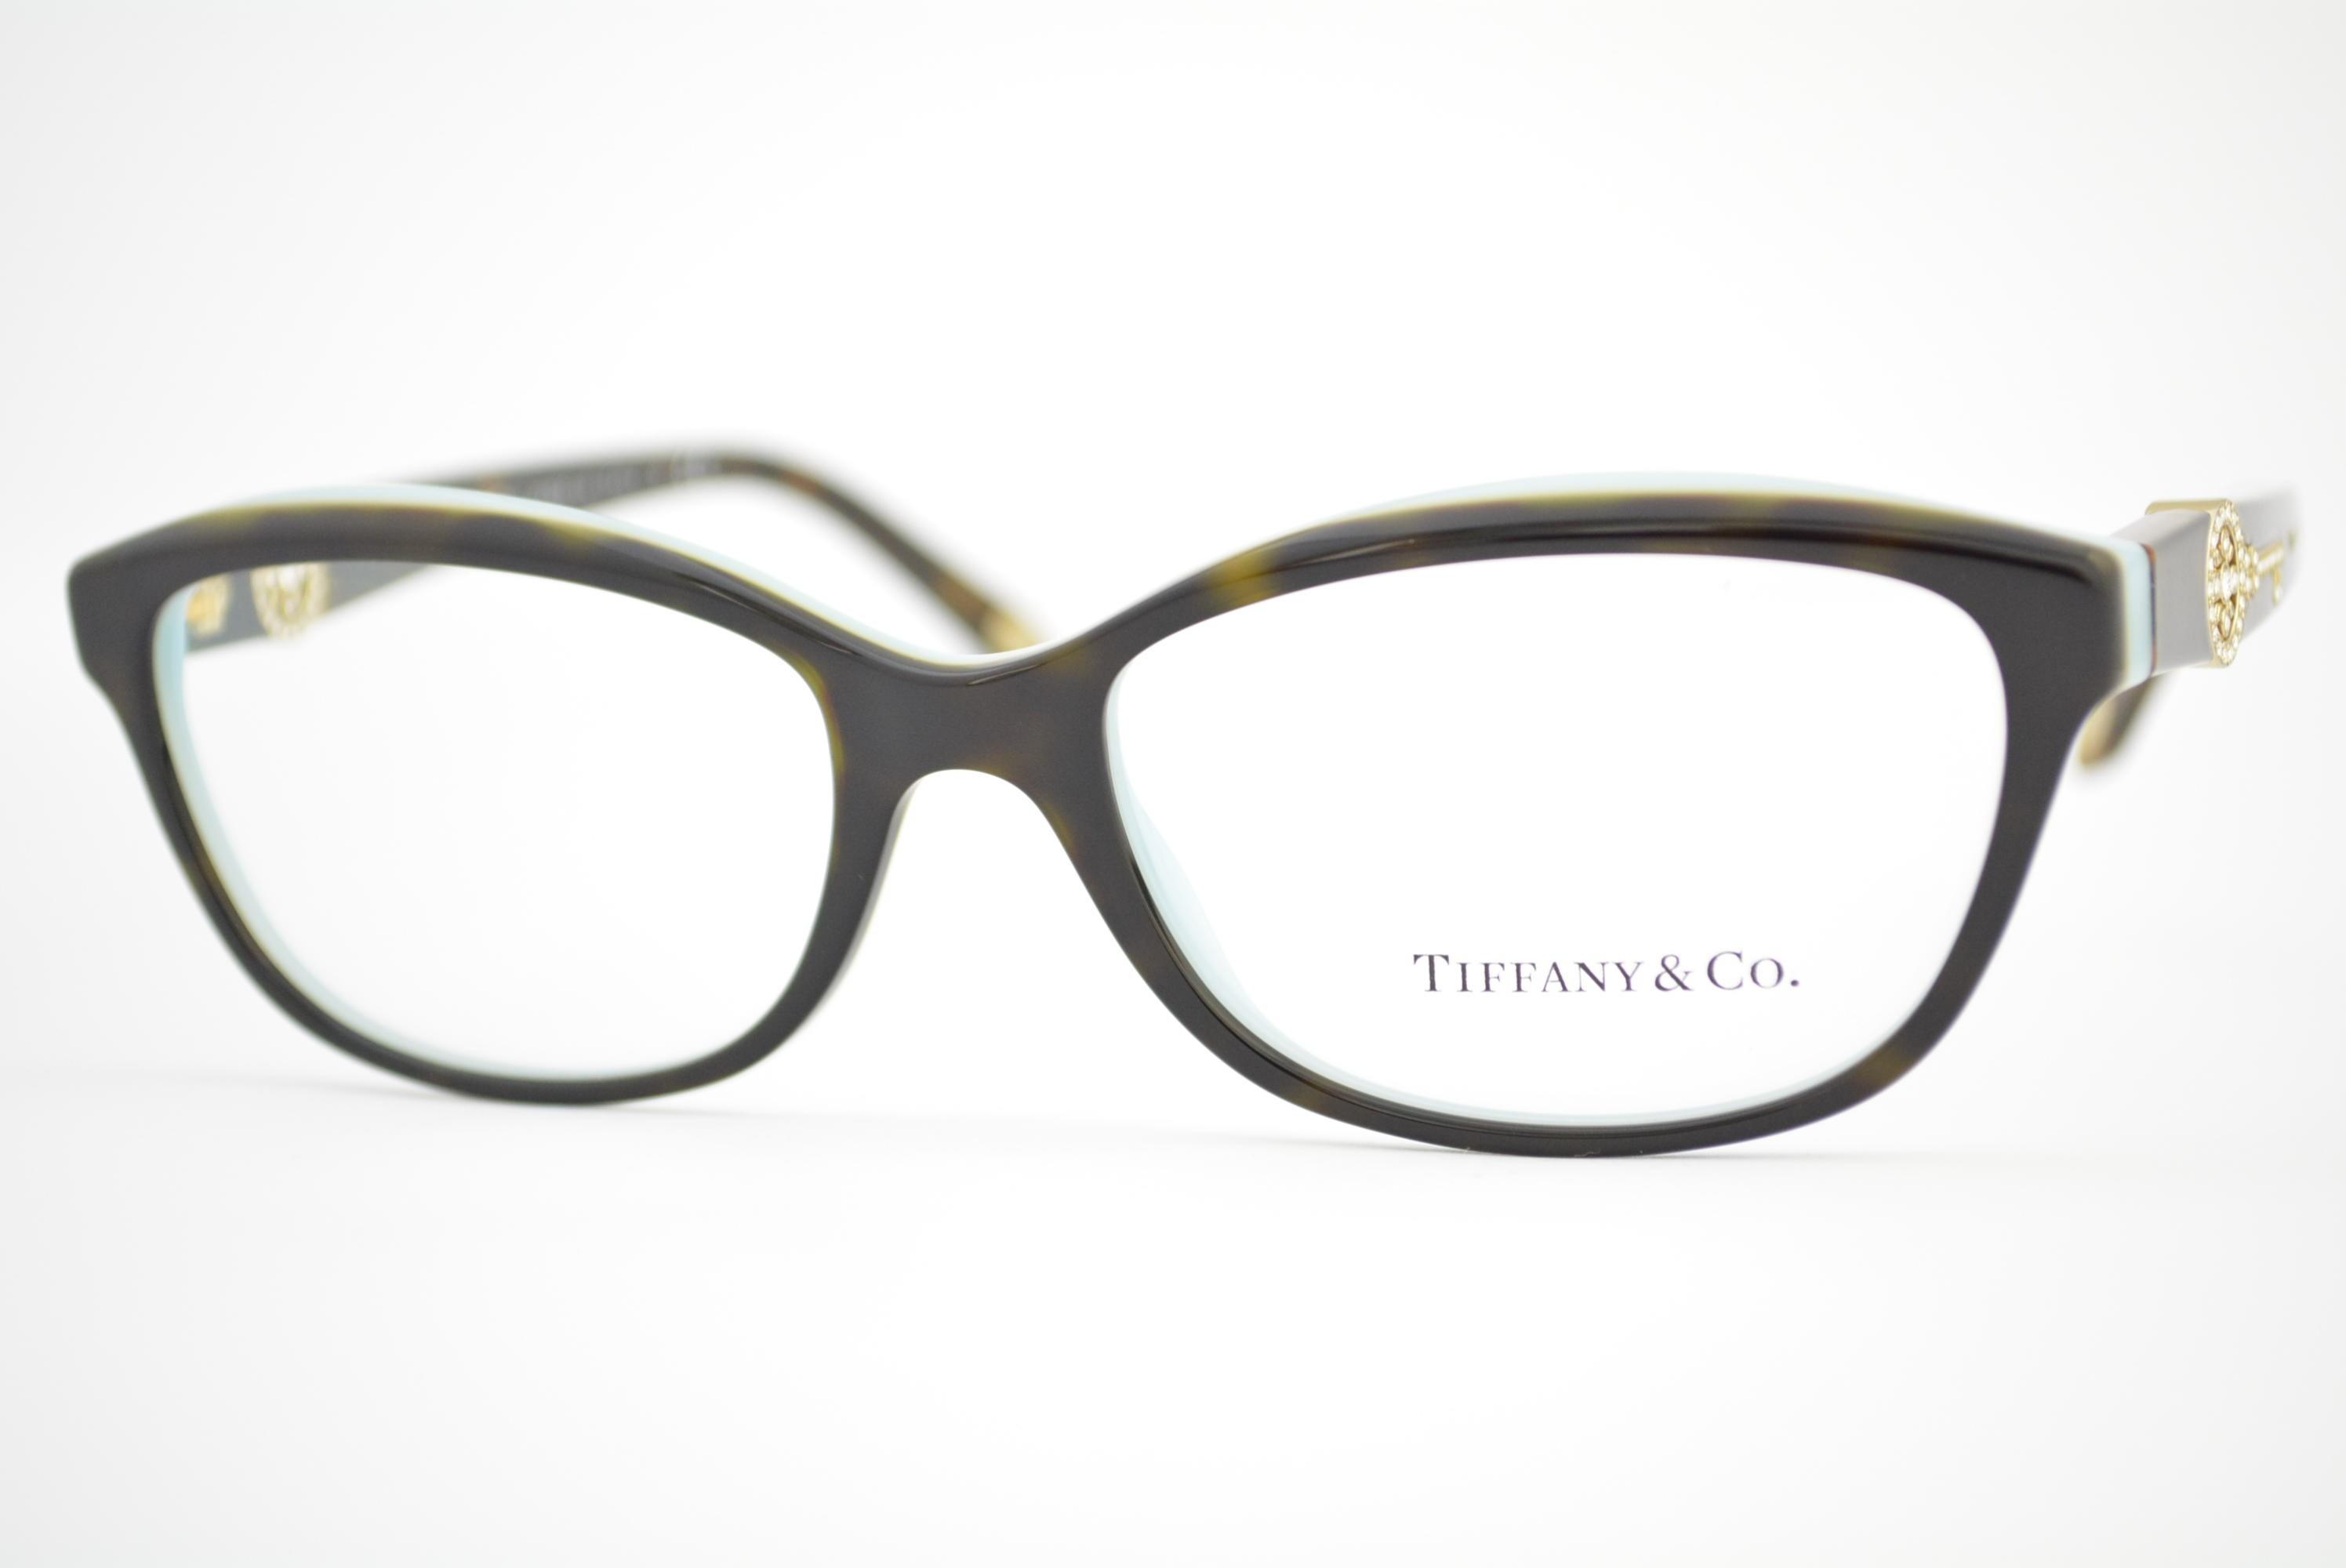 cca8f8fbabf62 armação de óculos Tiffany mod TF2127-B 8134 Ótica Cardoso